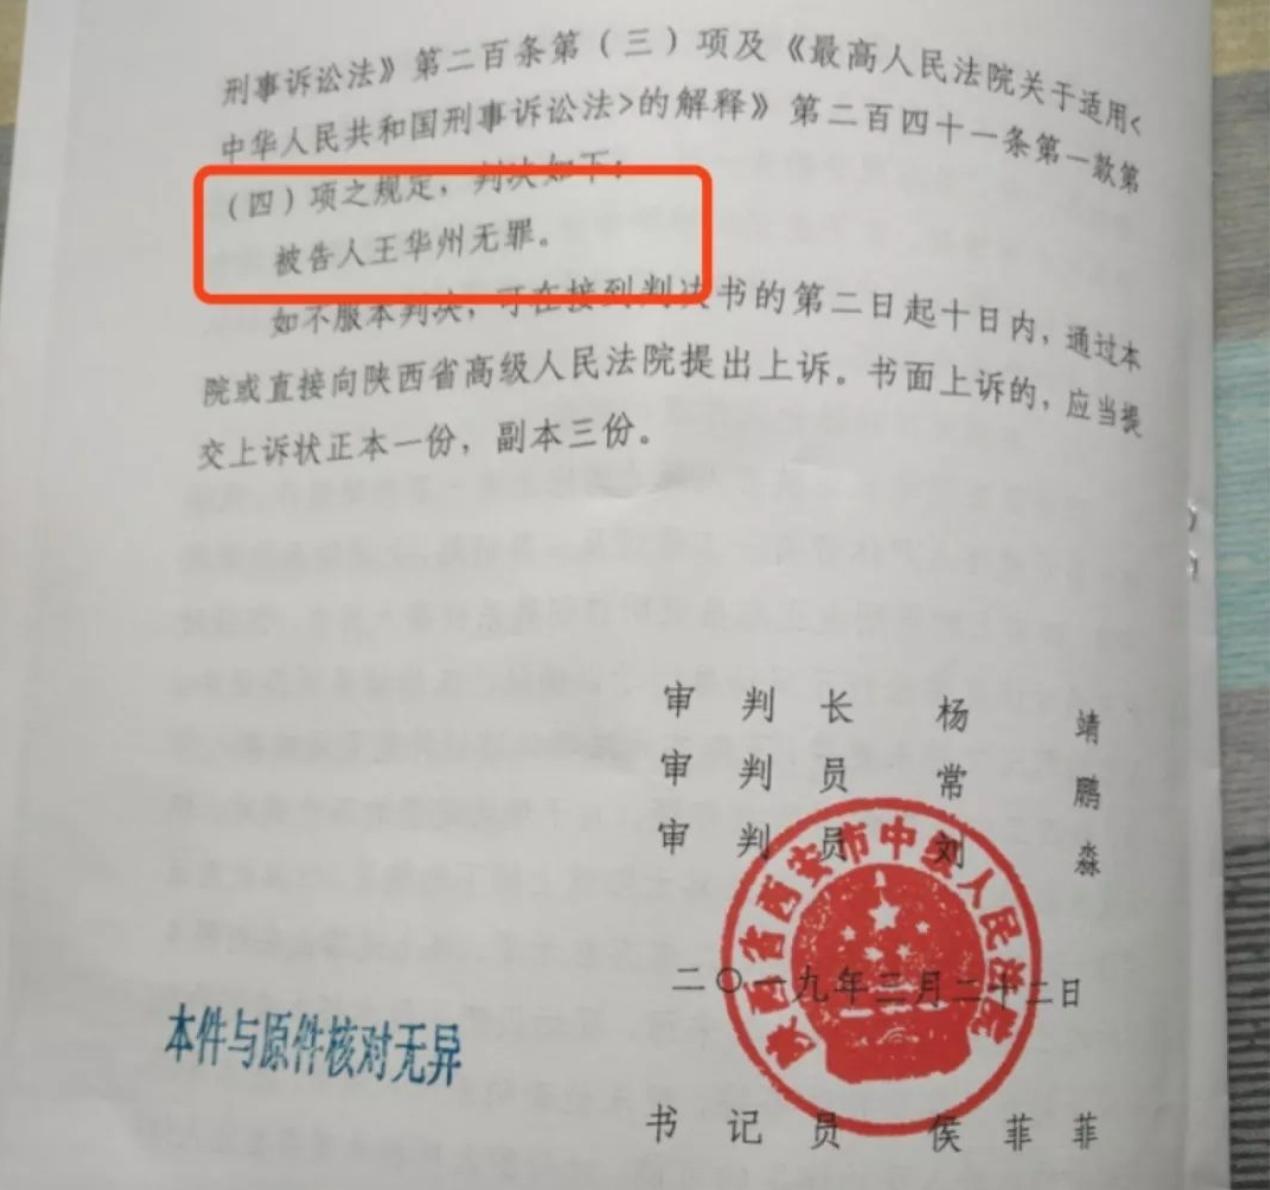 菲律賓九洲娛樂城-招商深证100ETF今起发行 瞄准深圳板块投资潜力